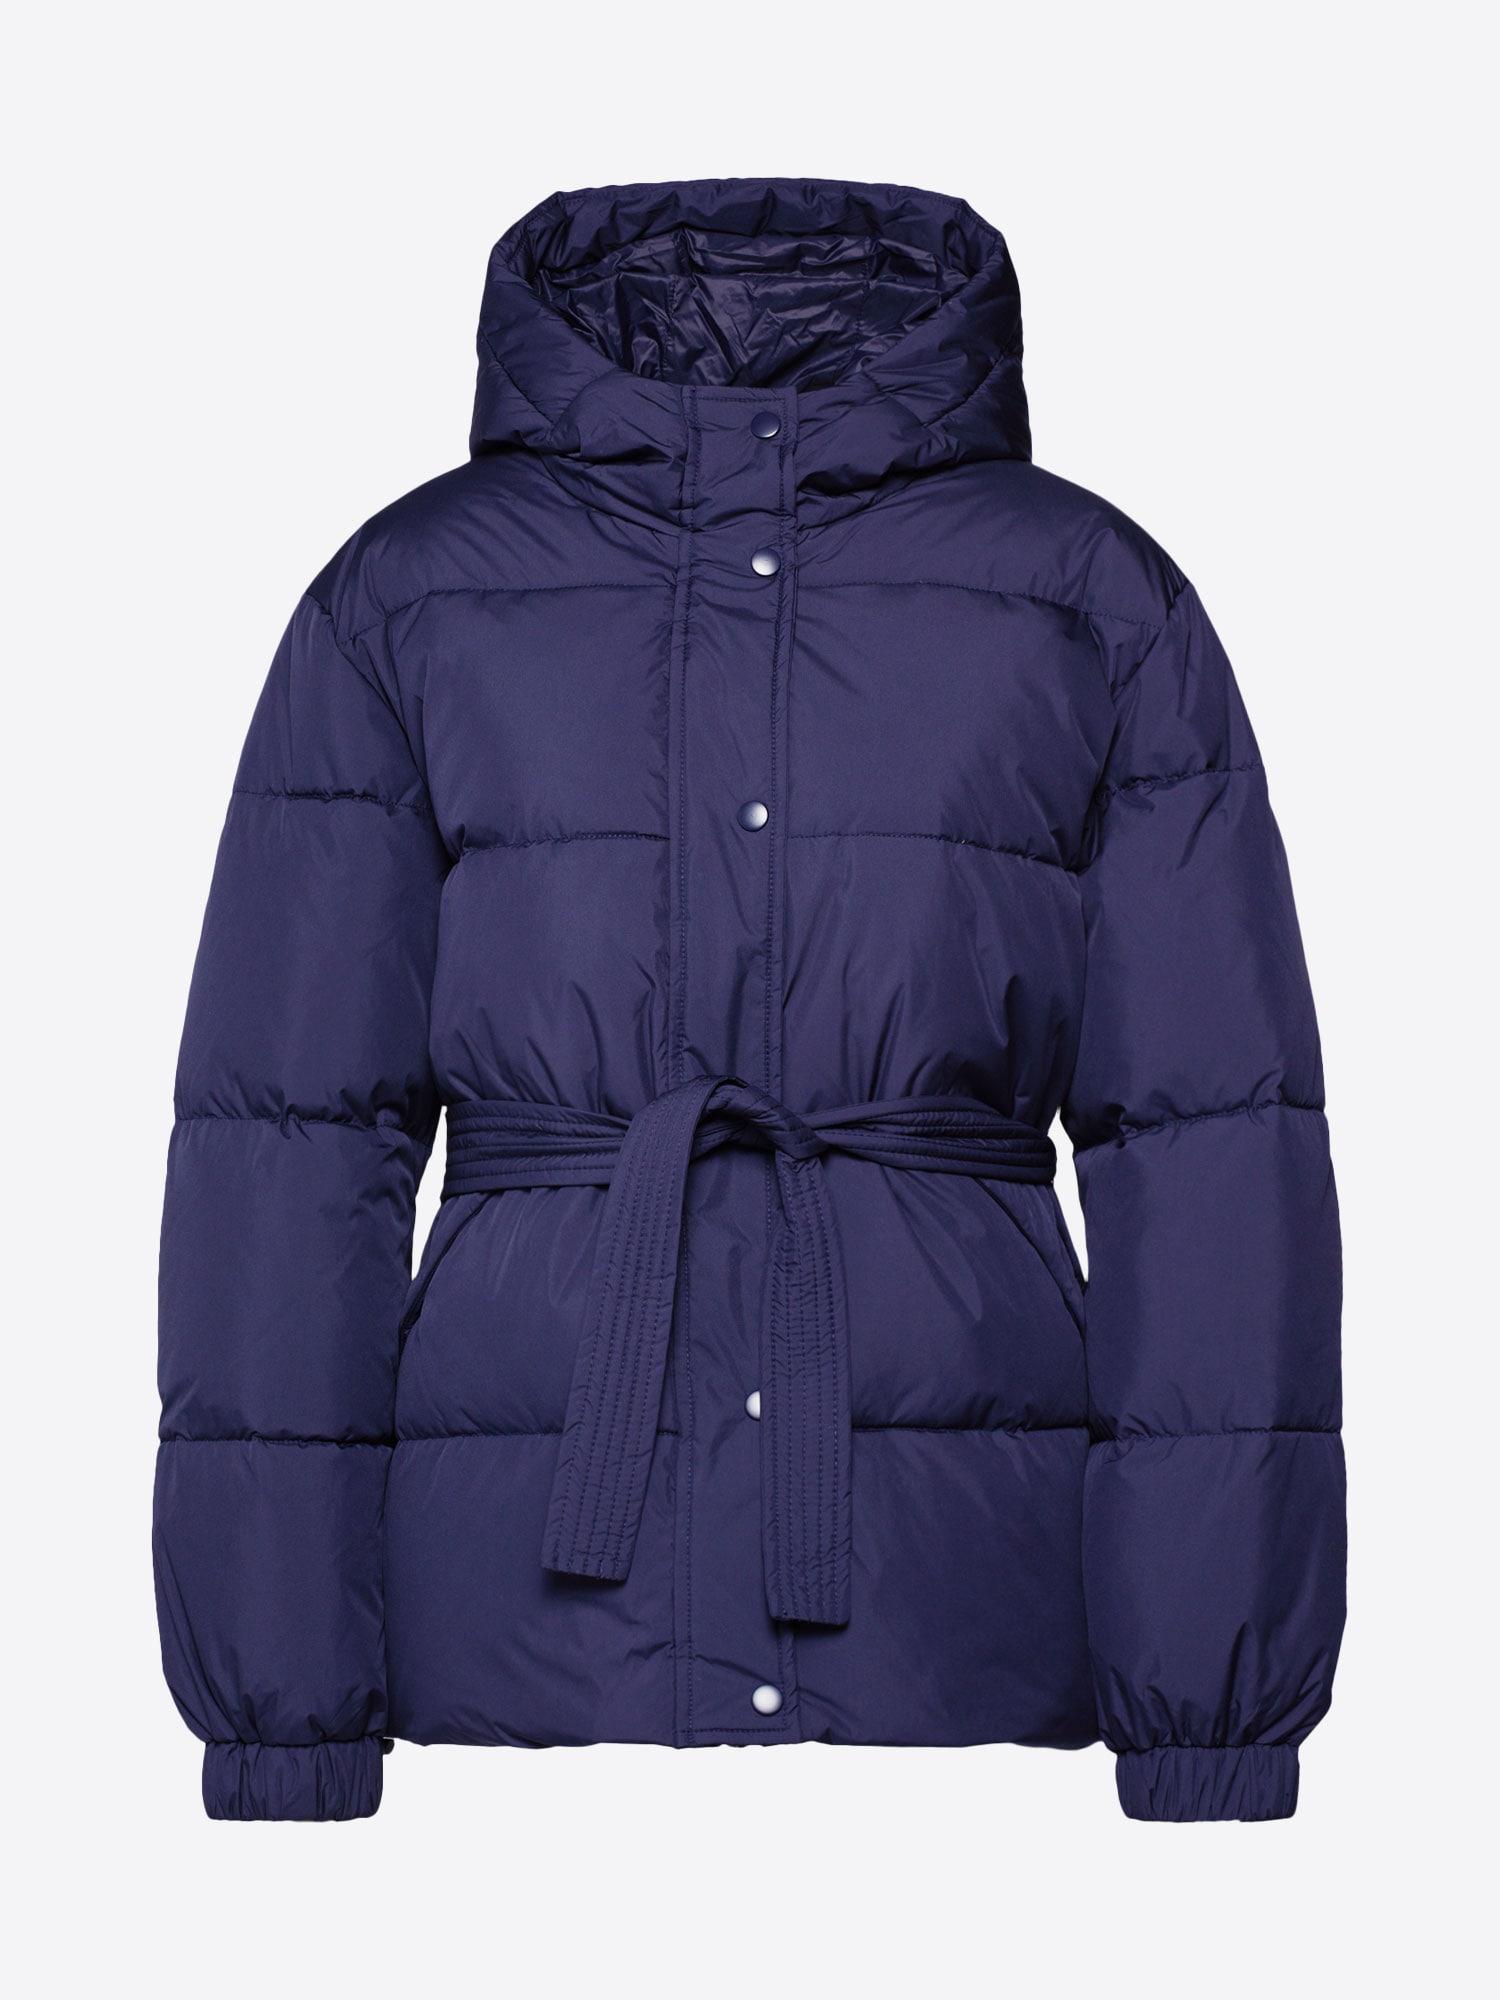 samsoe samsoe - Jacke 'Asmine jacket 11109'